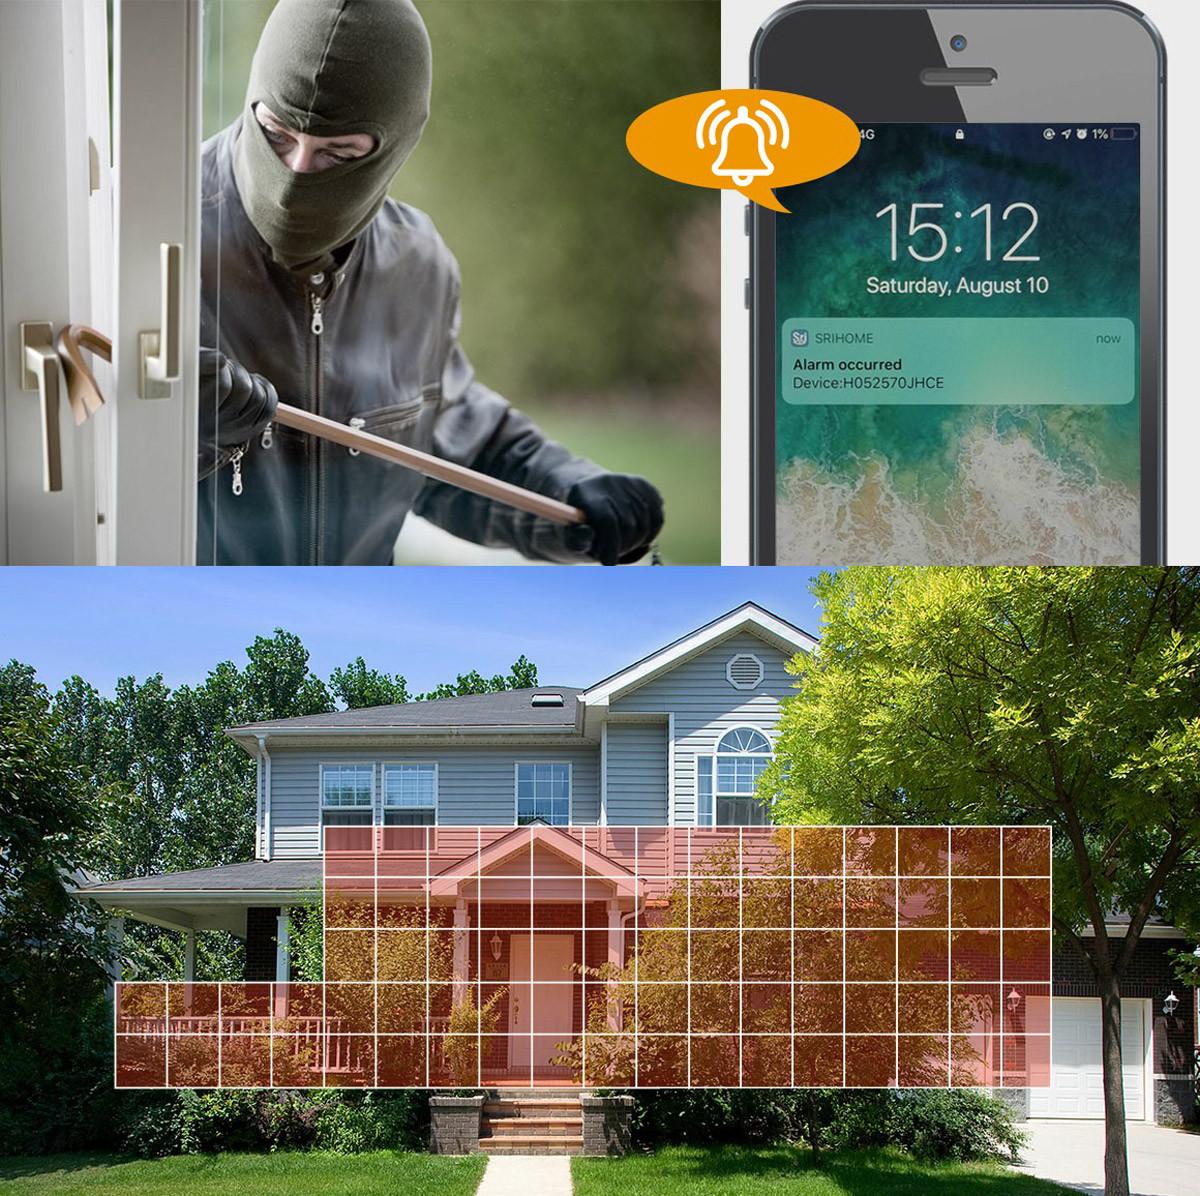 Włamywacz złapany na obrazie kamery IP zewnętrznej